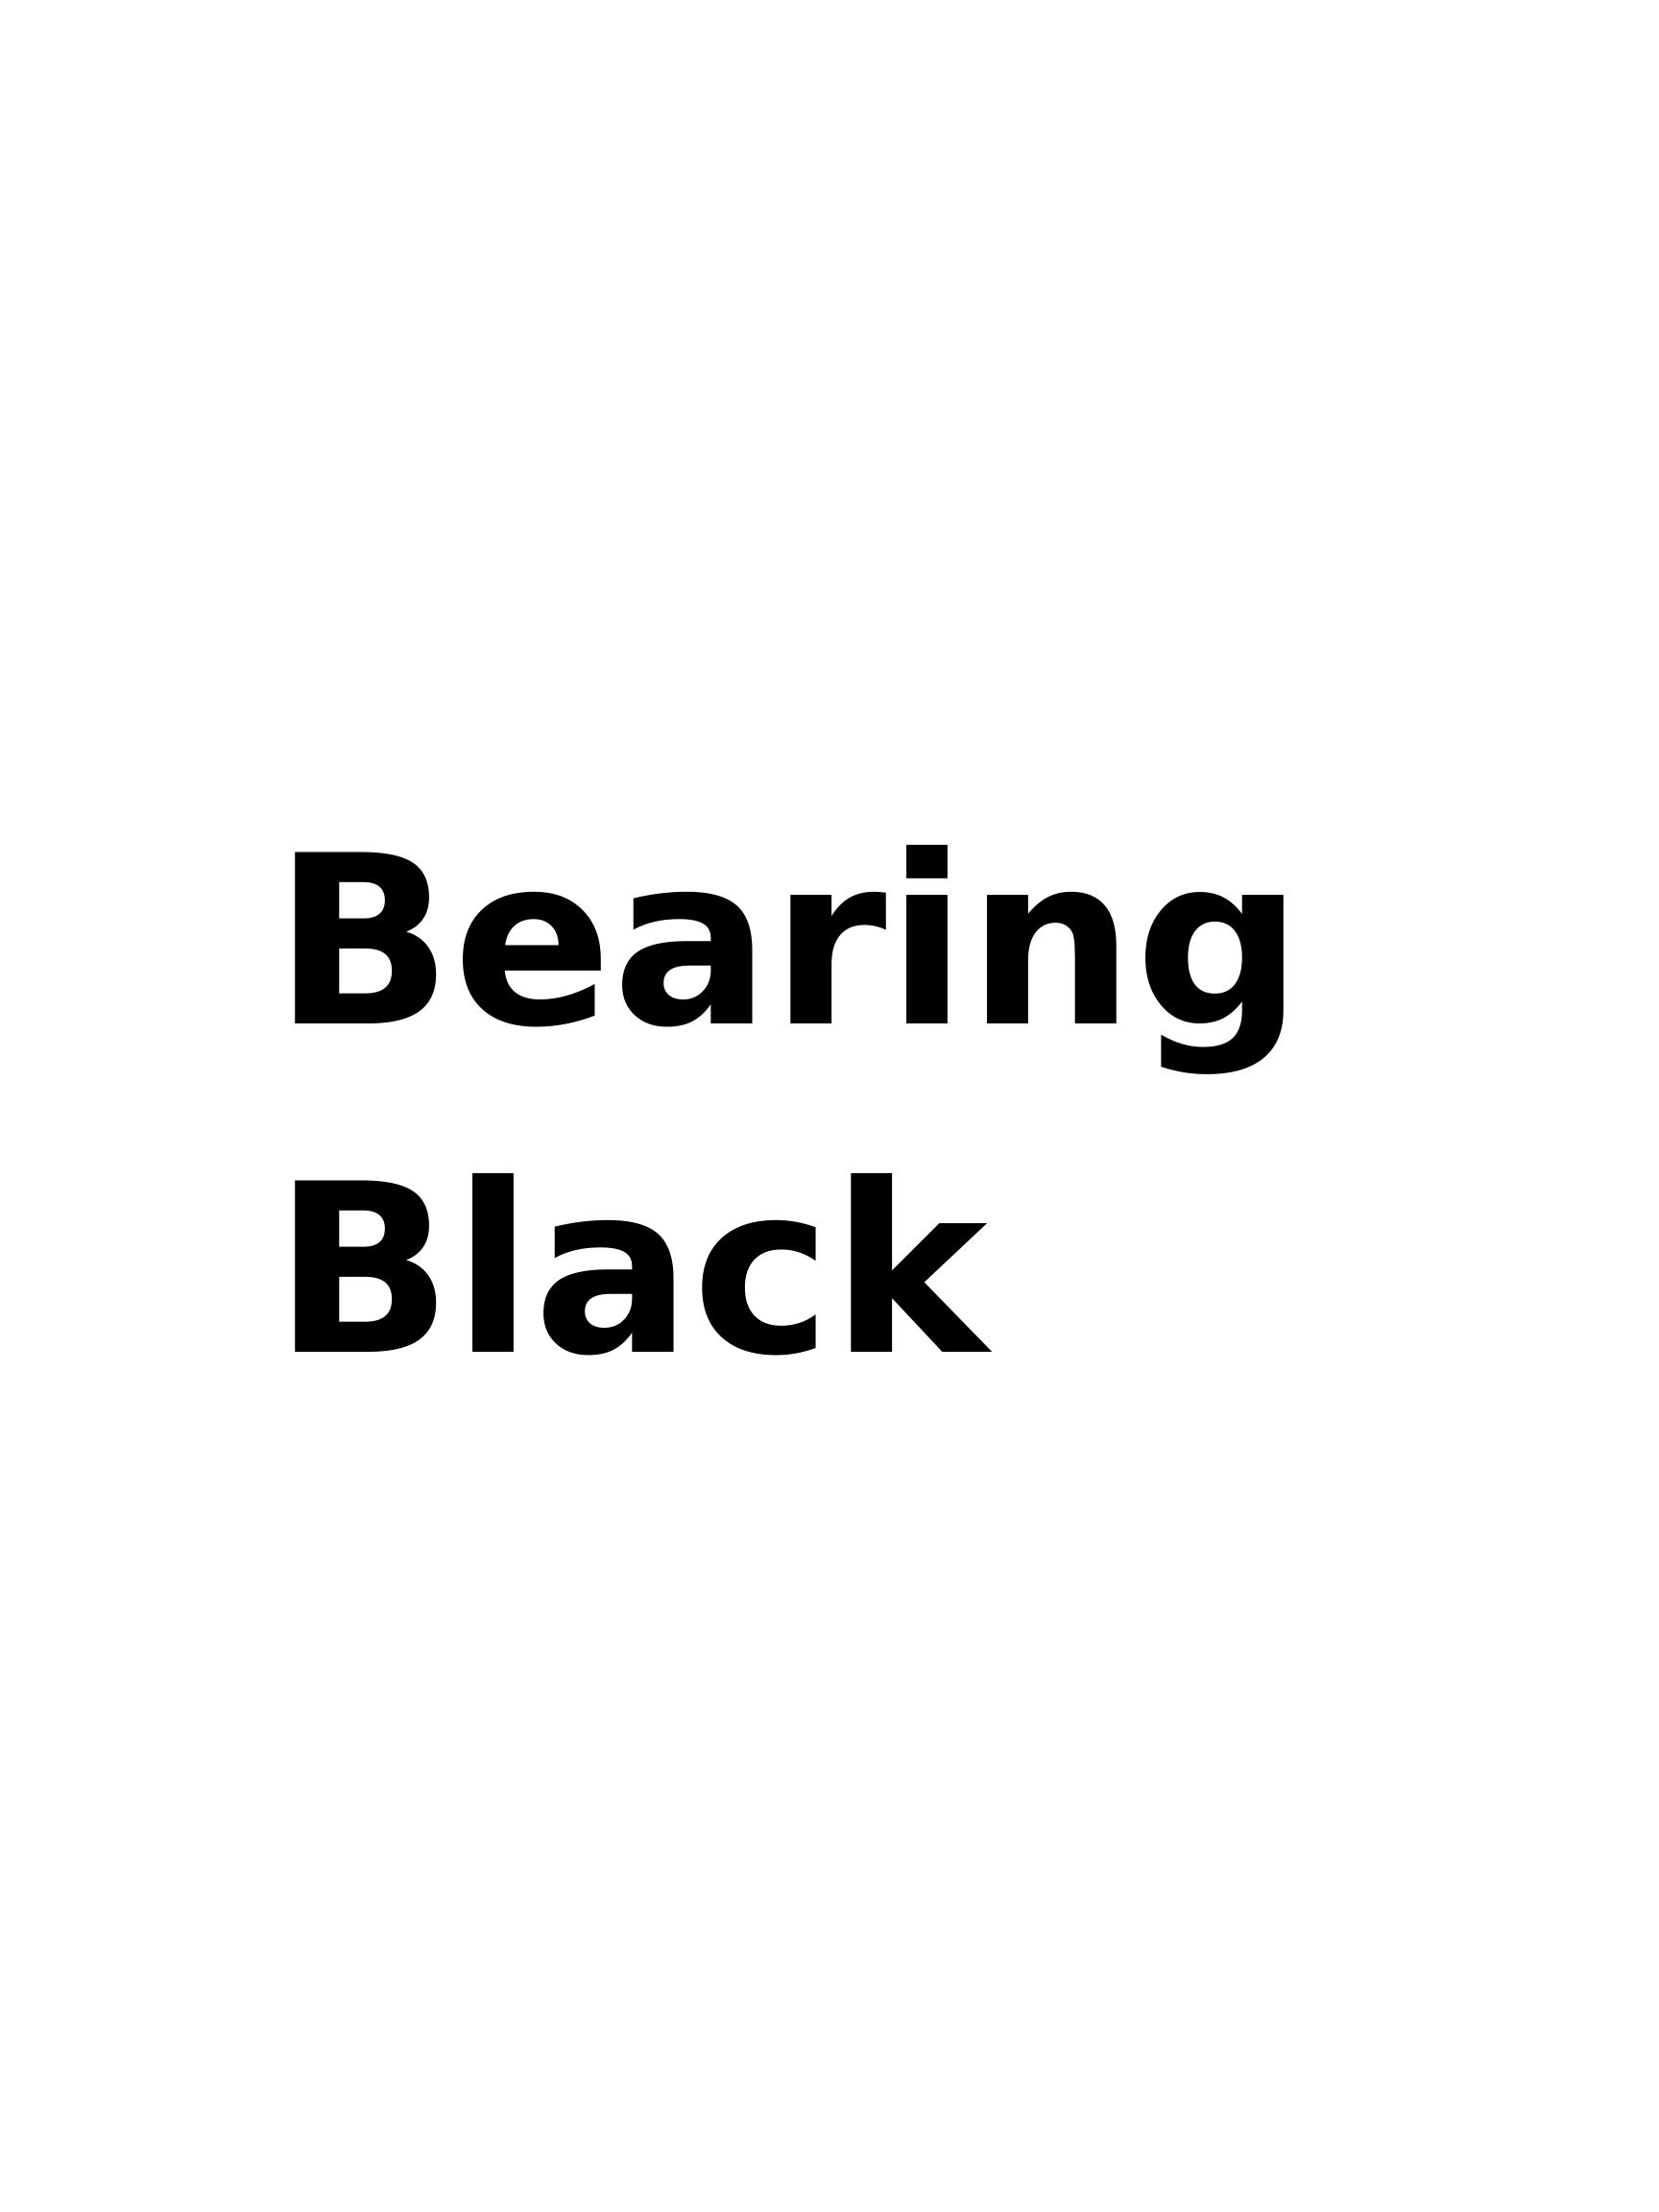 Bearing Black